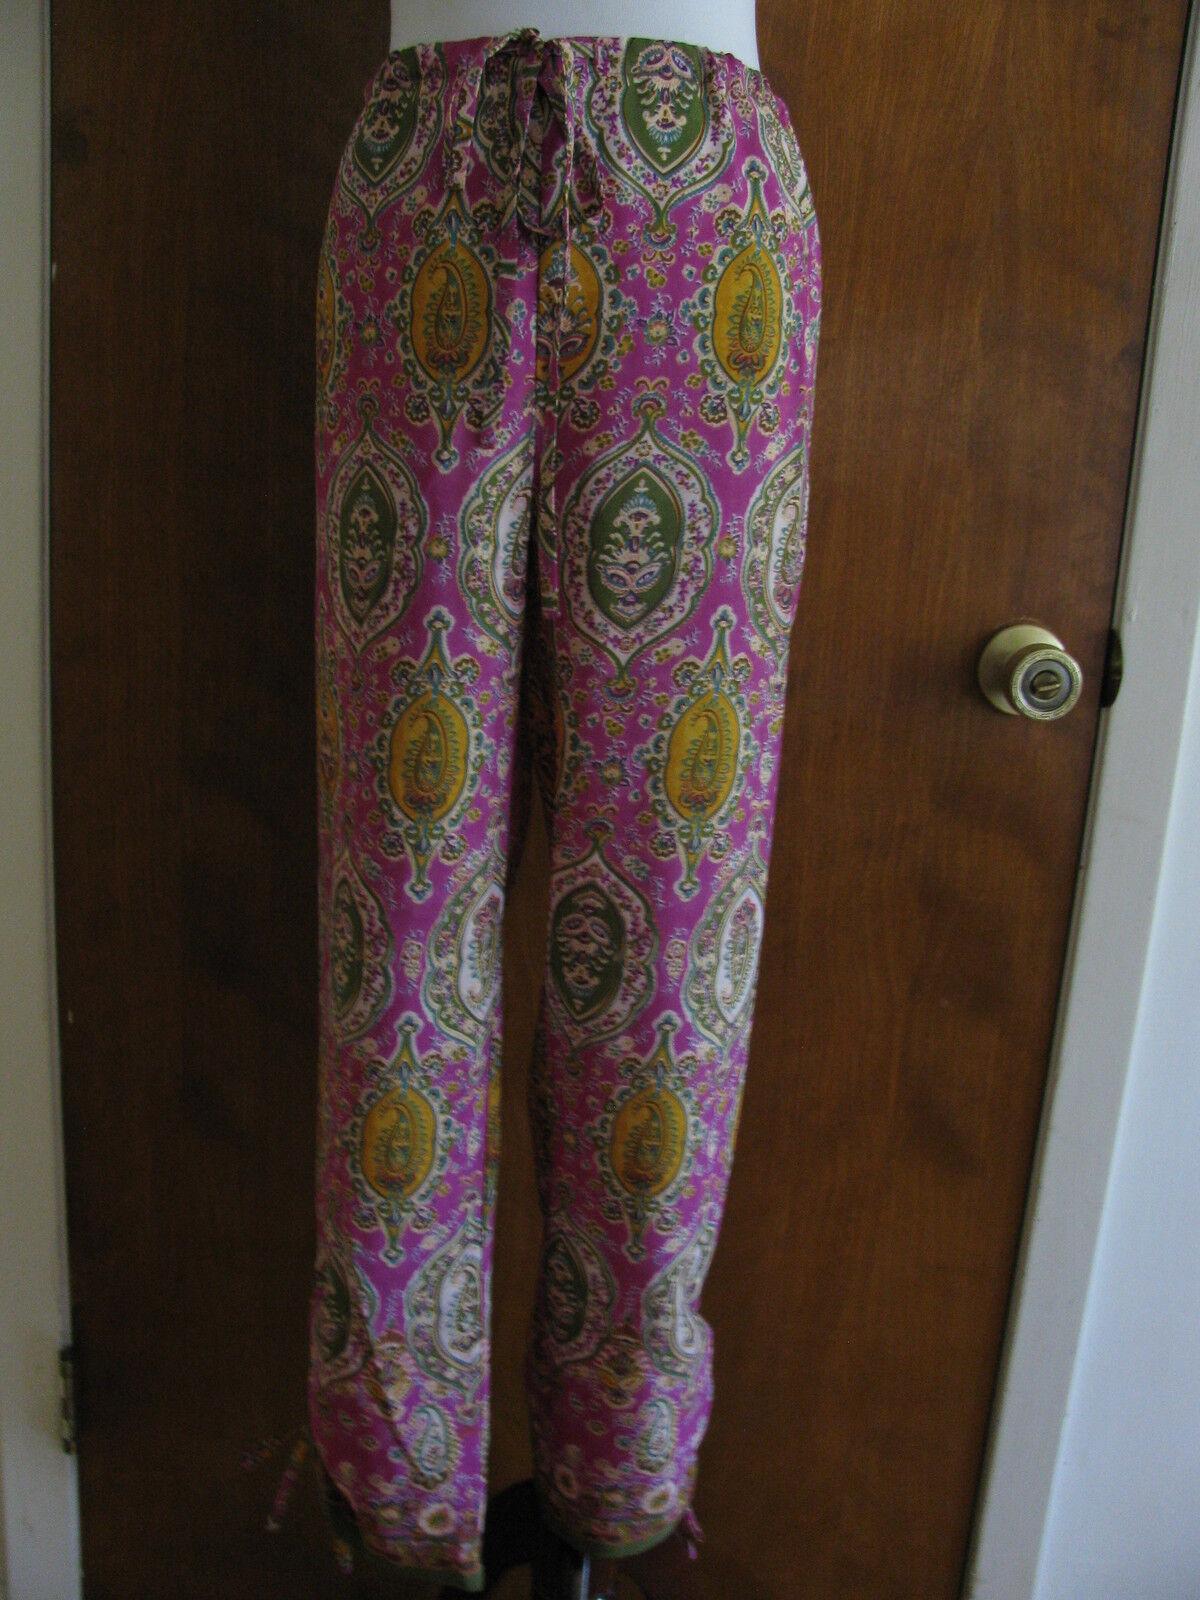 Ralph Lauren Women's Multi color Summer Pants Size Large NWT